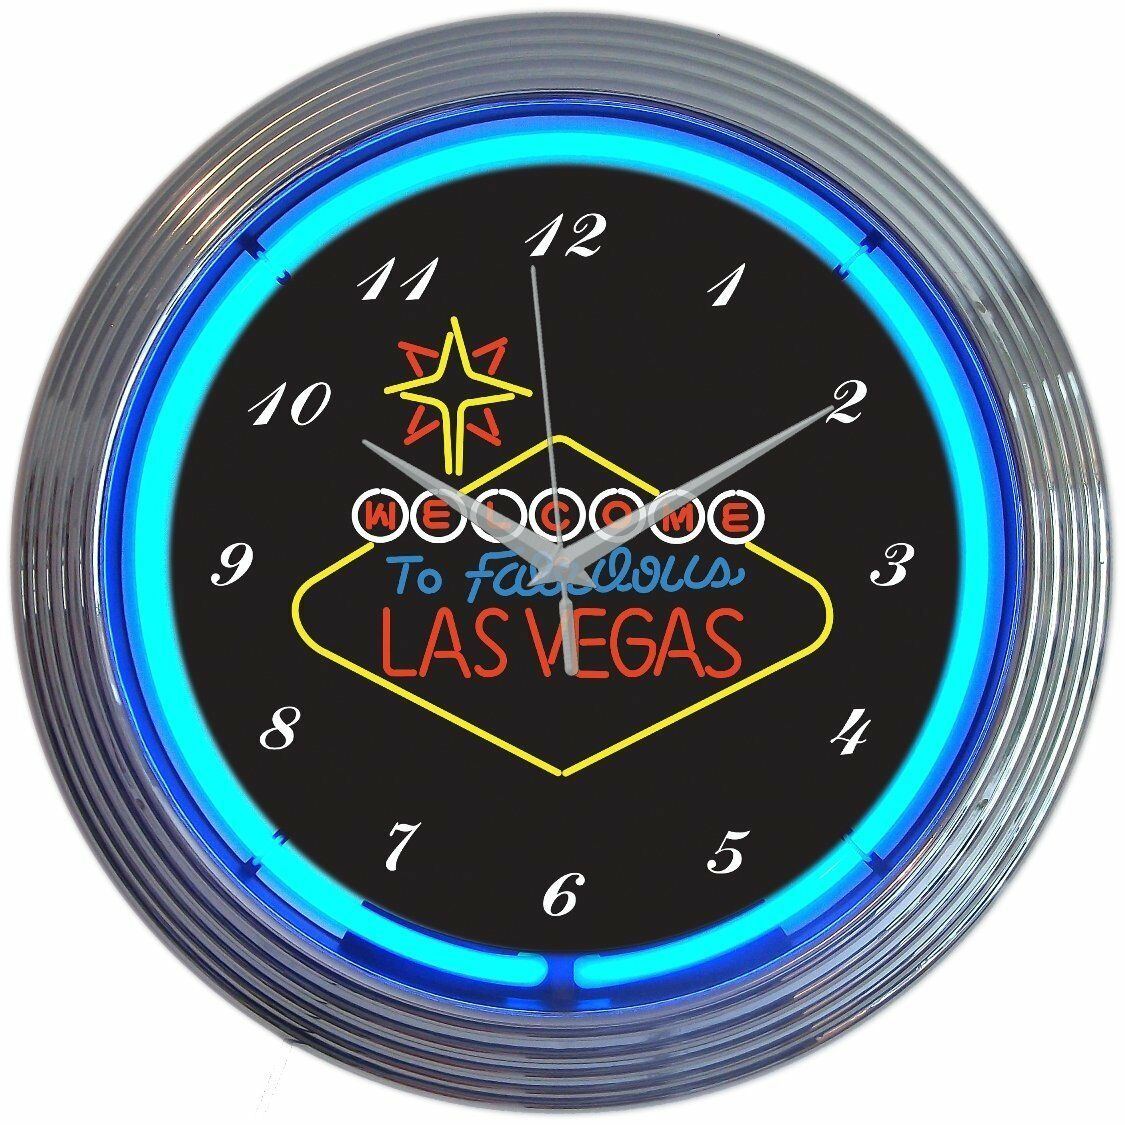 Détails Sur Néon Signe éclairé Visage Cuisine Horloge Murale Las Vegas Vintage Artwork 4 Jeu